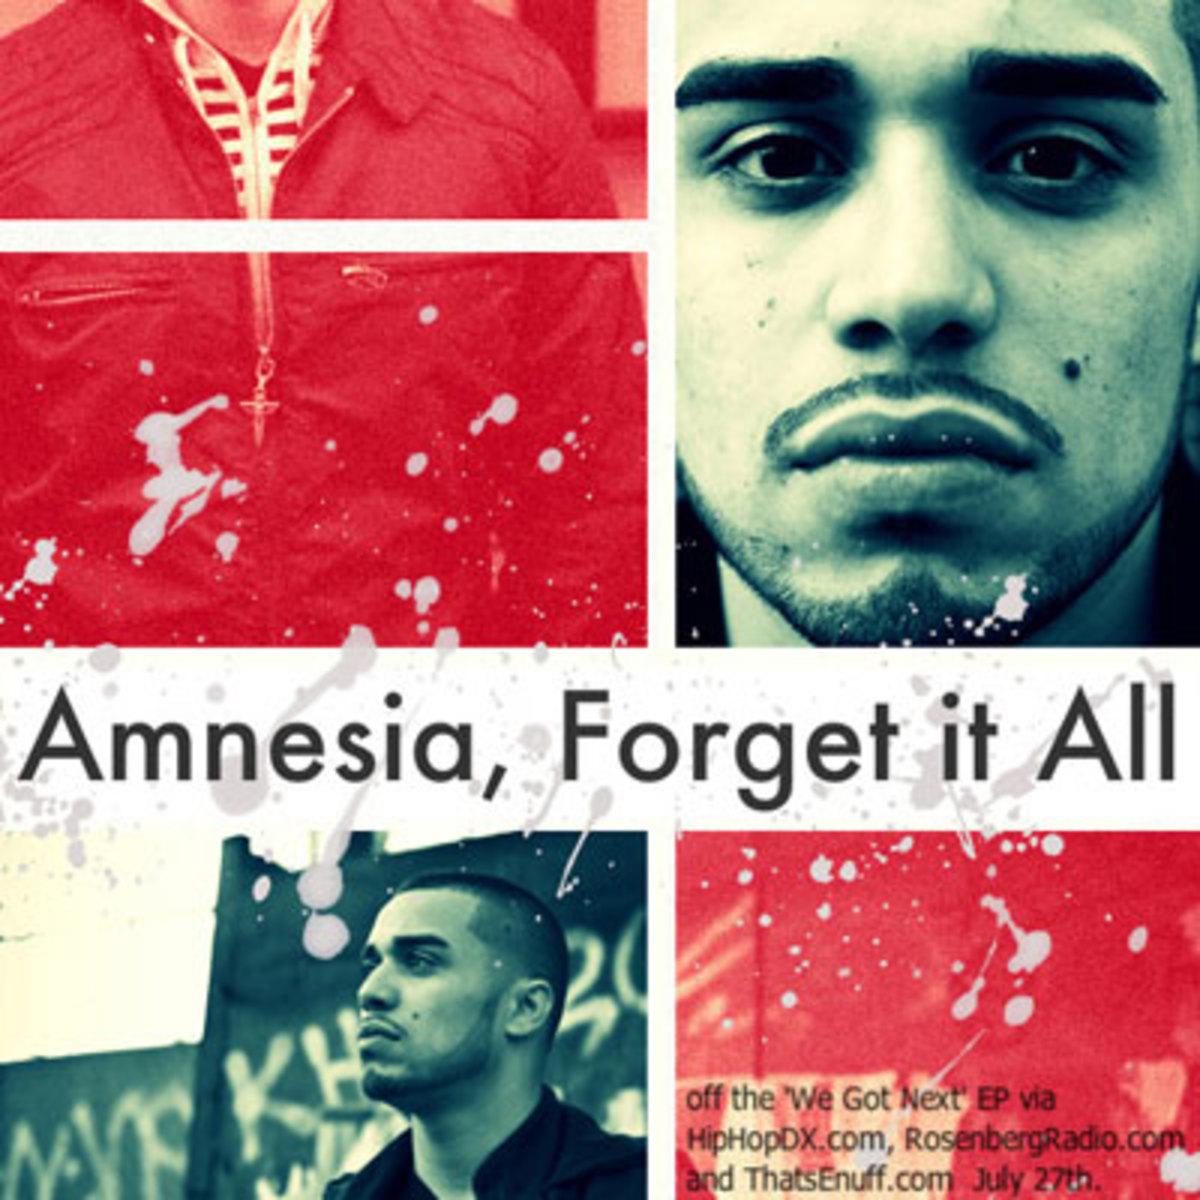 theillz-amnesia.jpg